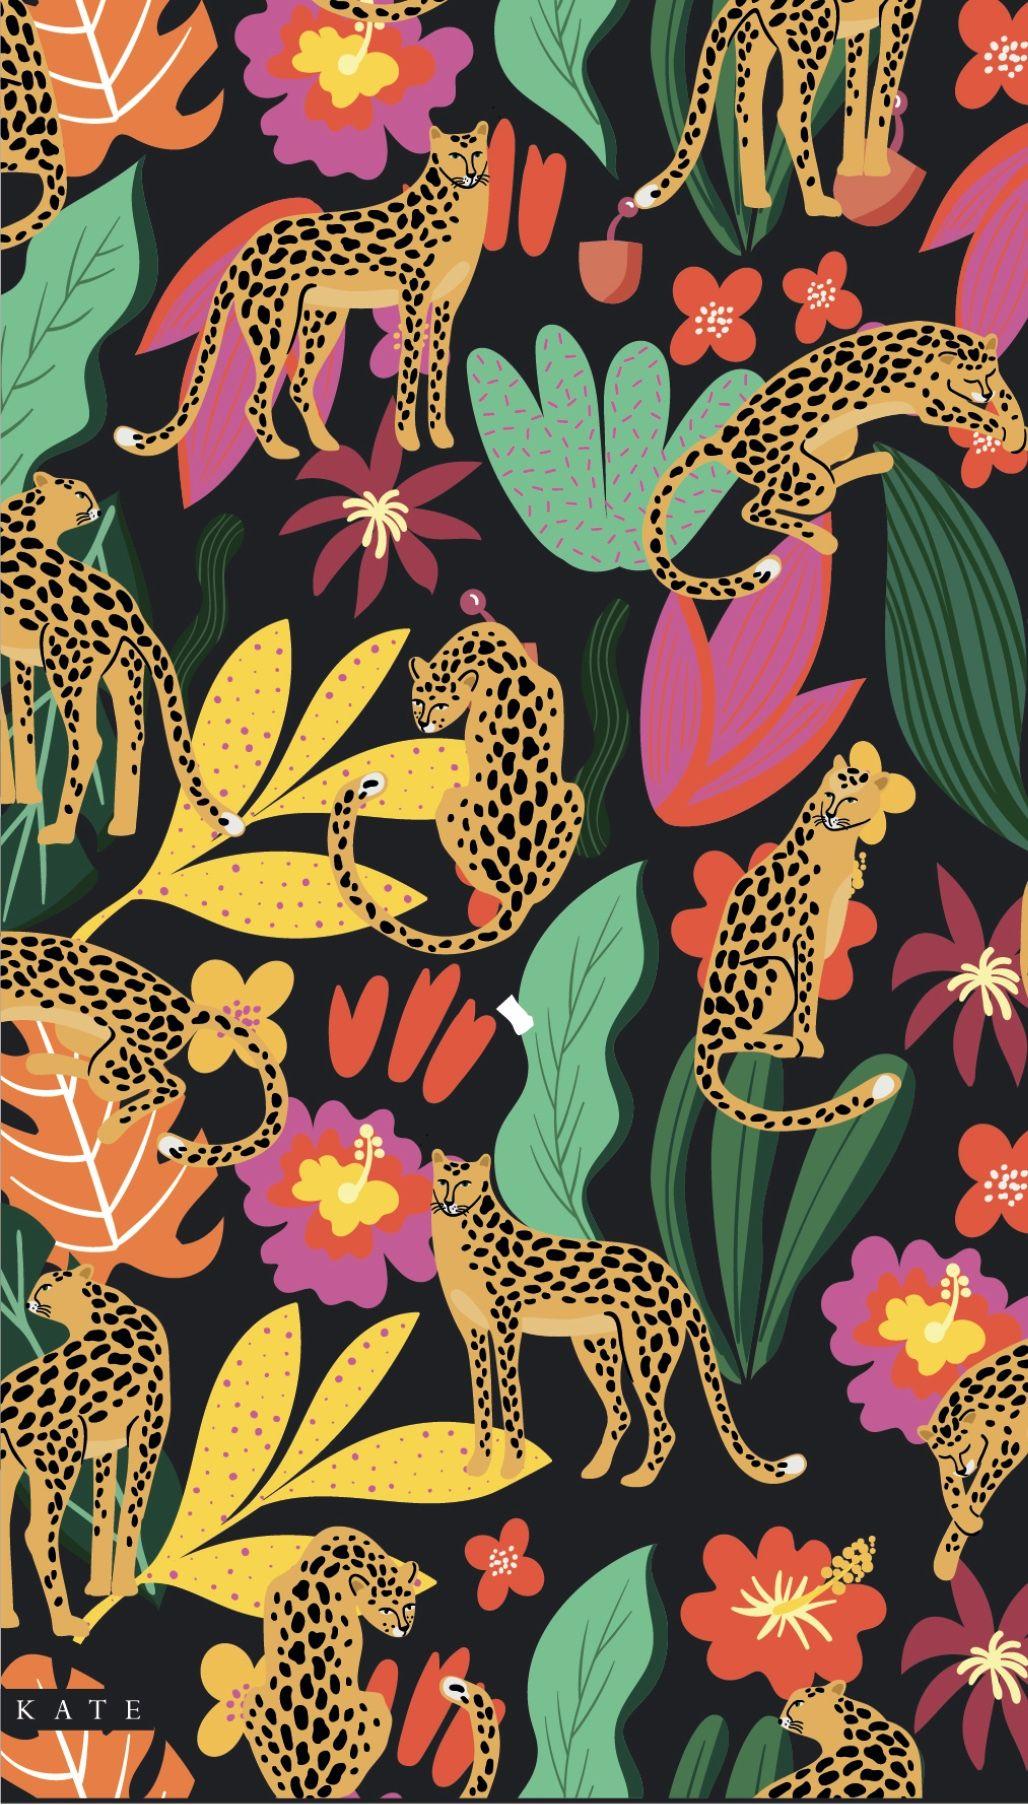 Wallpaper Kate 19